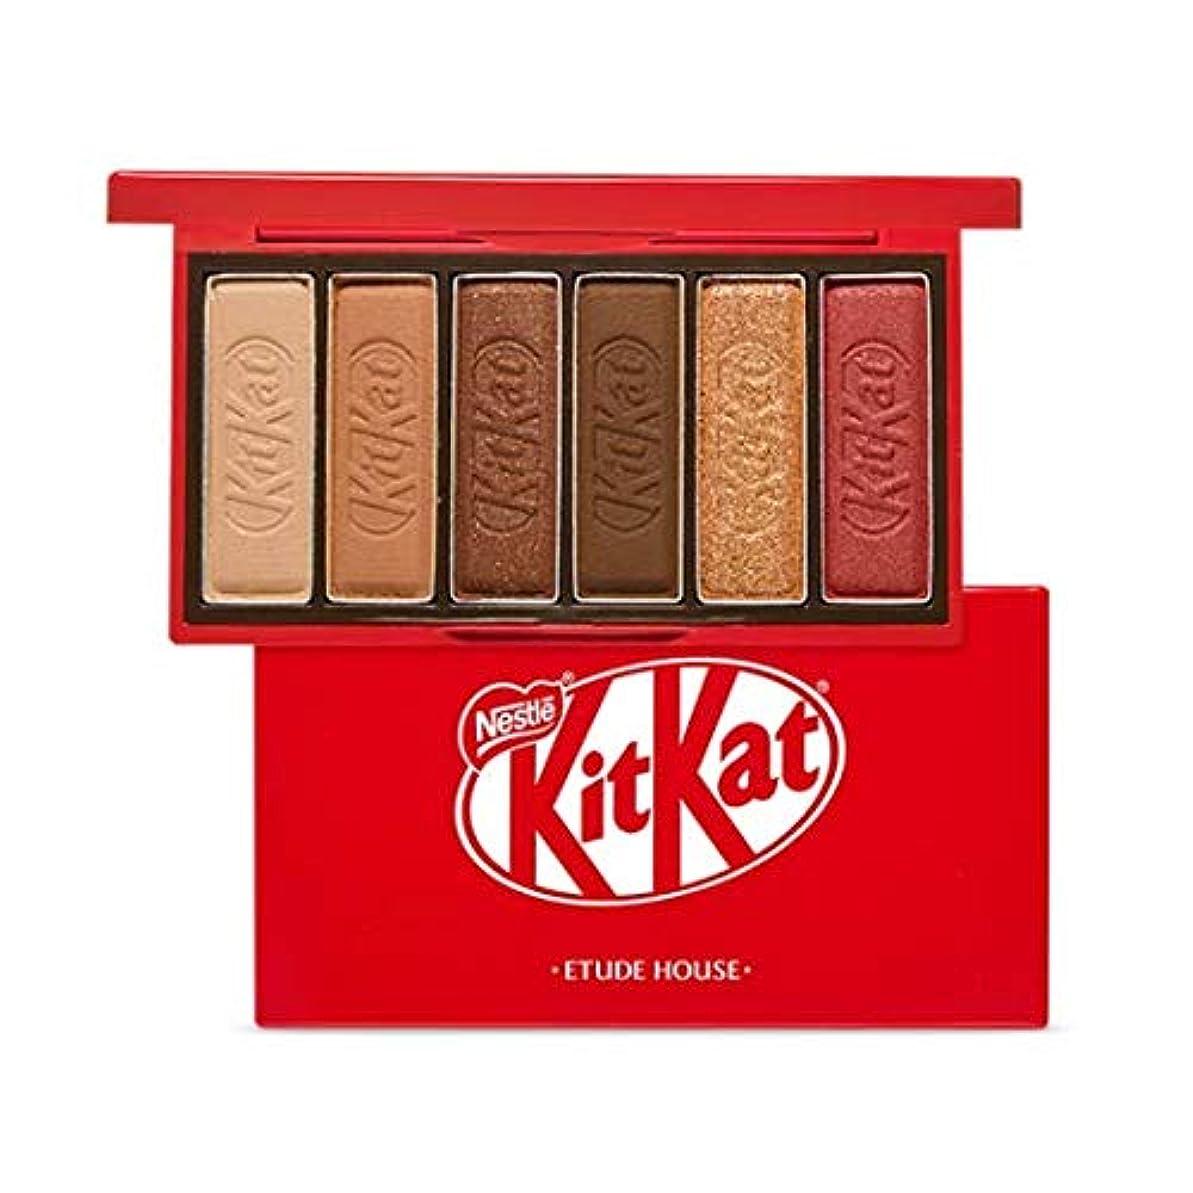 隔離ビジュアル波エチュードハウス キットカット プレイカラー アイズ ミニ 1*6g / ETUDE HOUSE KitKat Play Color Eyes Mini #1 KitKat Original [並行輸入品]